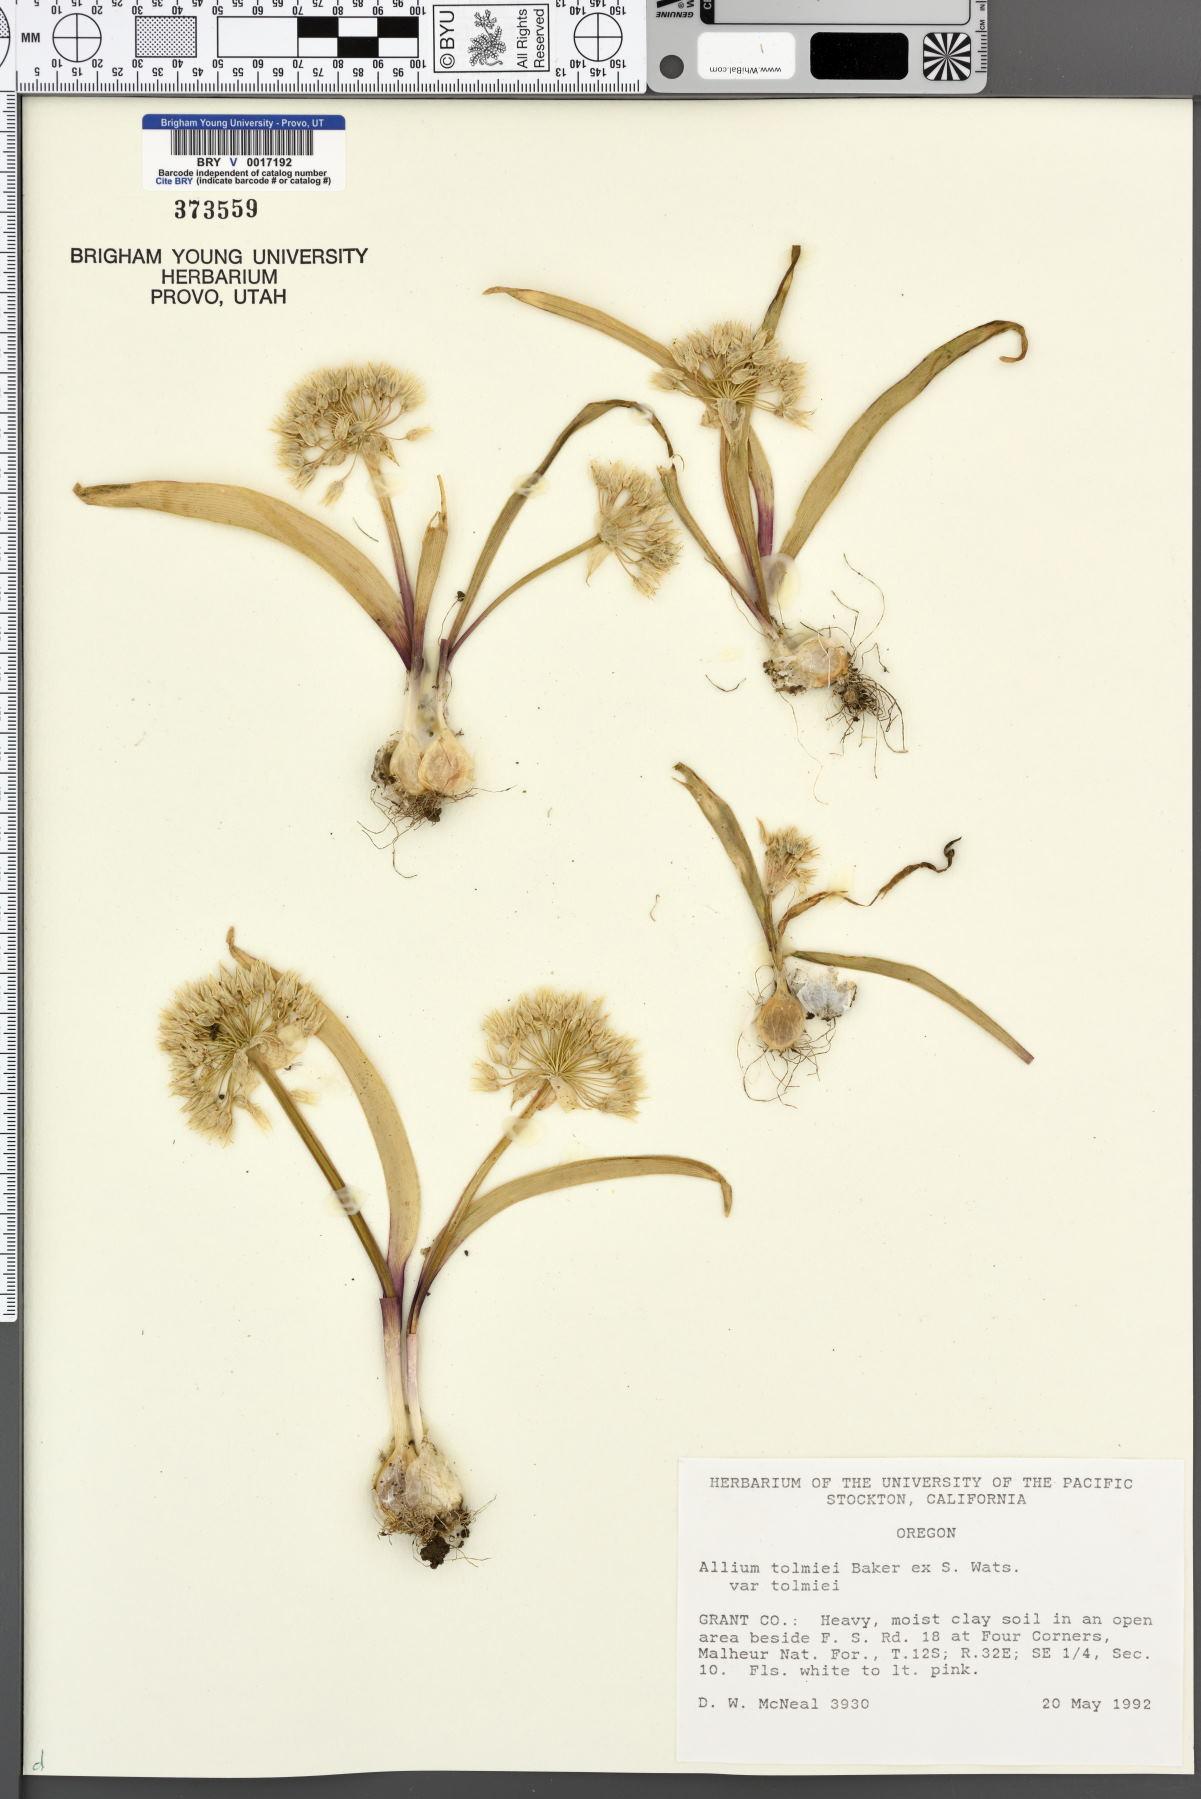 Allium tolmiei var. tolmiei image